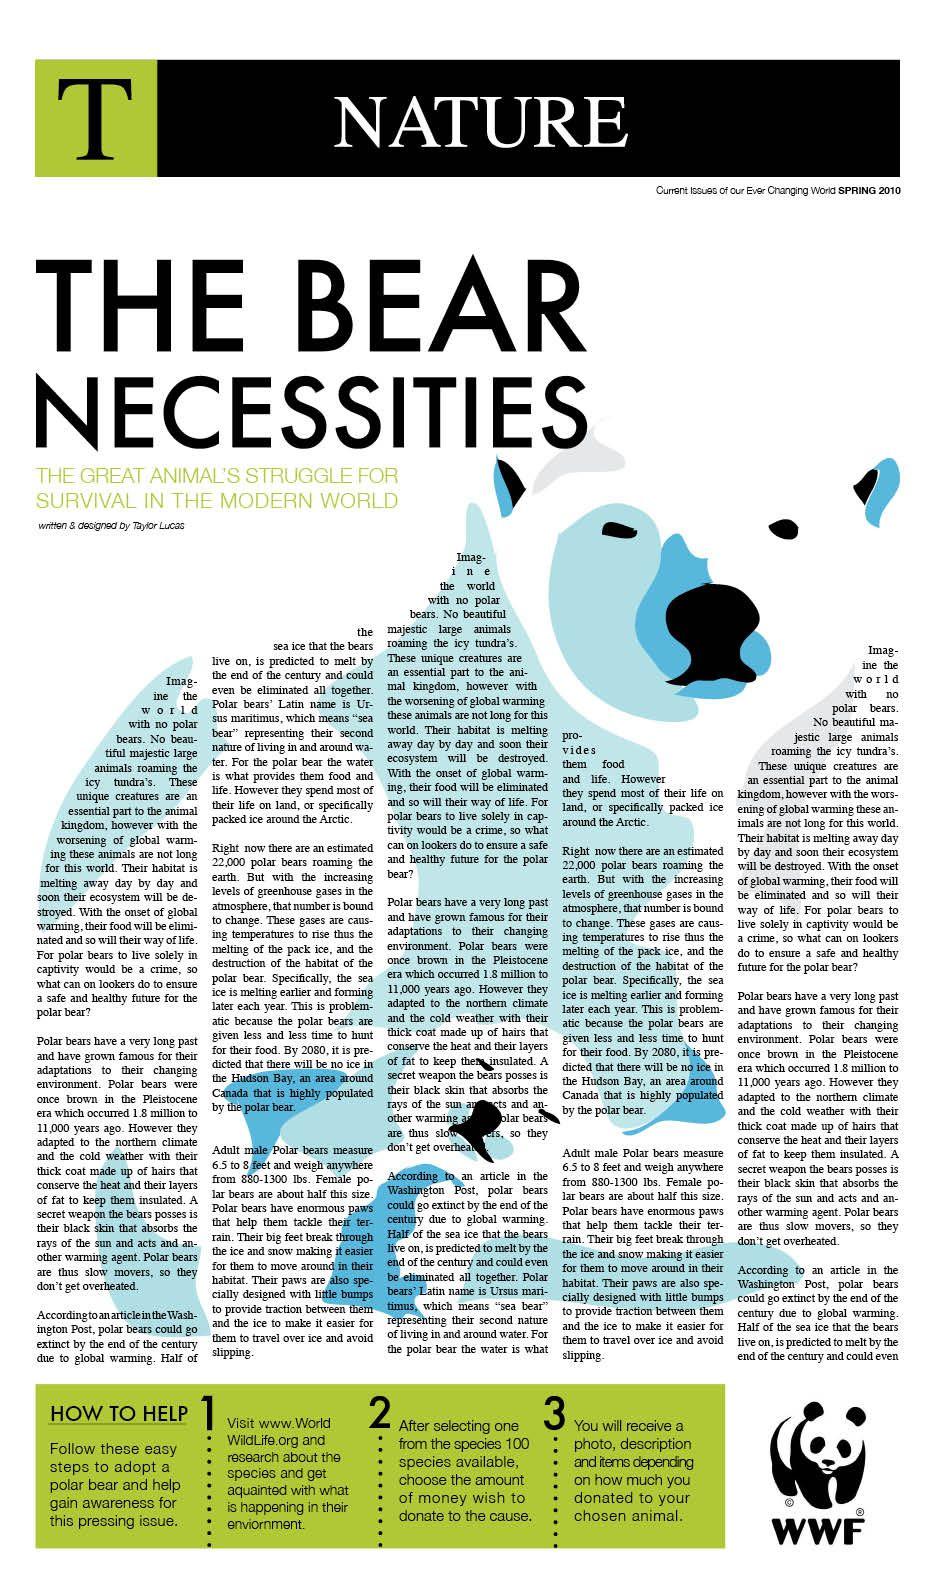 Reticula simple | TEXT | Pinterest | Diseño editorial, Editorial y ...